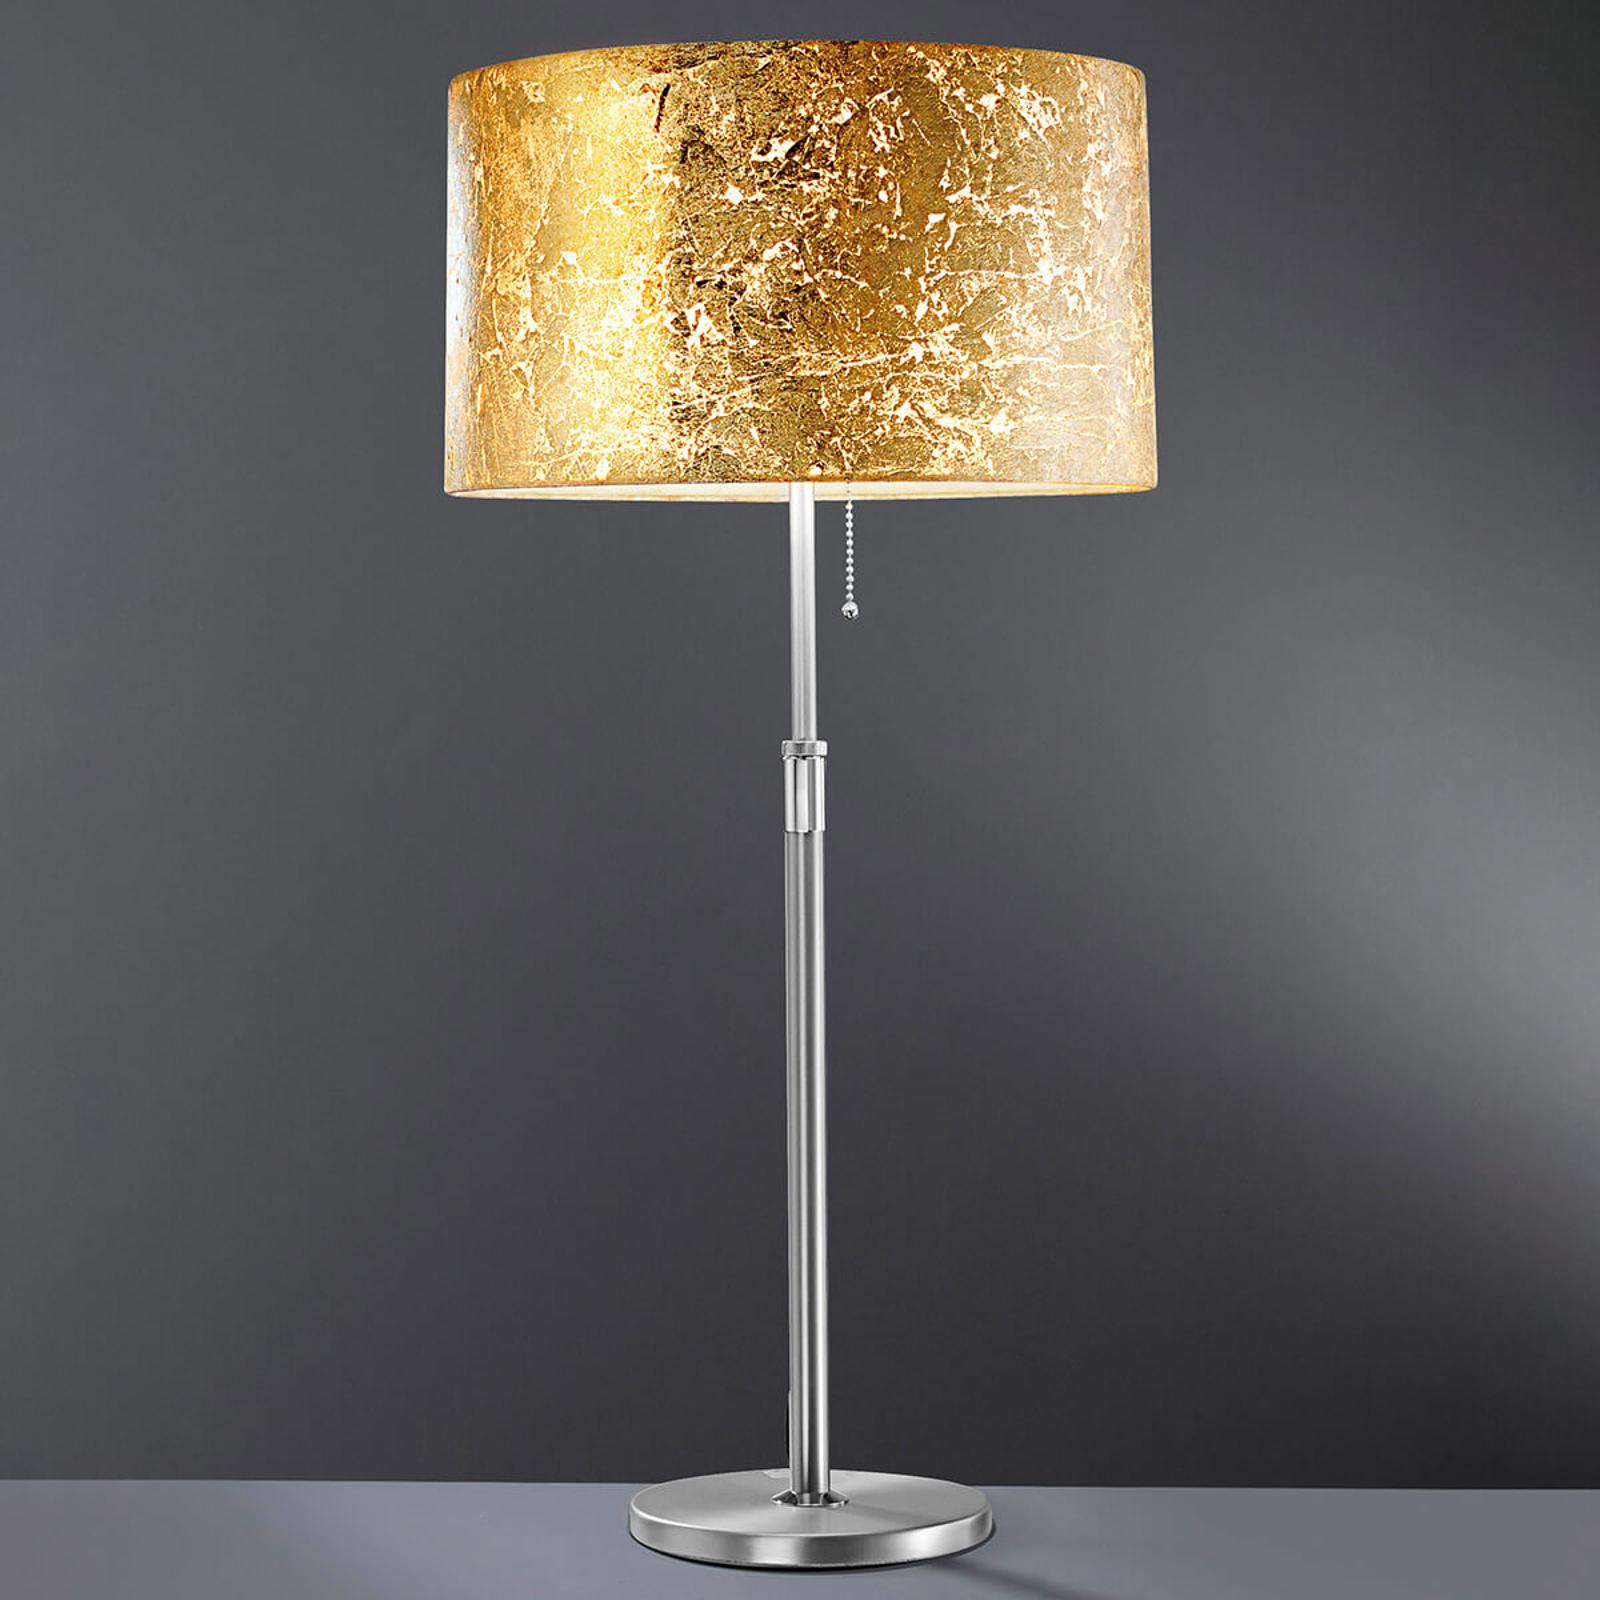 Loop - lampe à poser avec feuille d'or